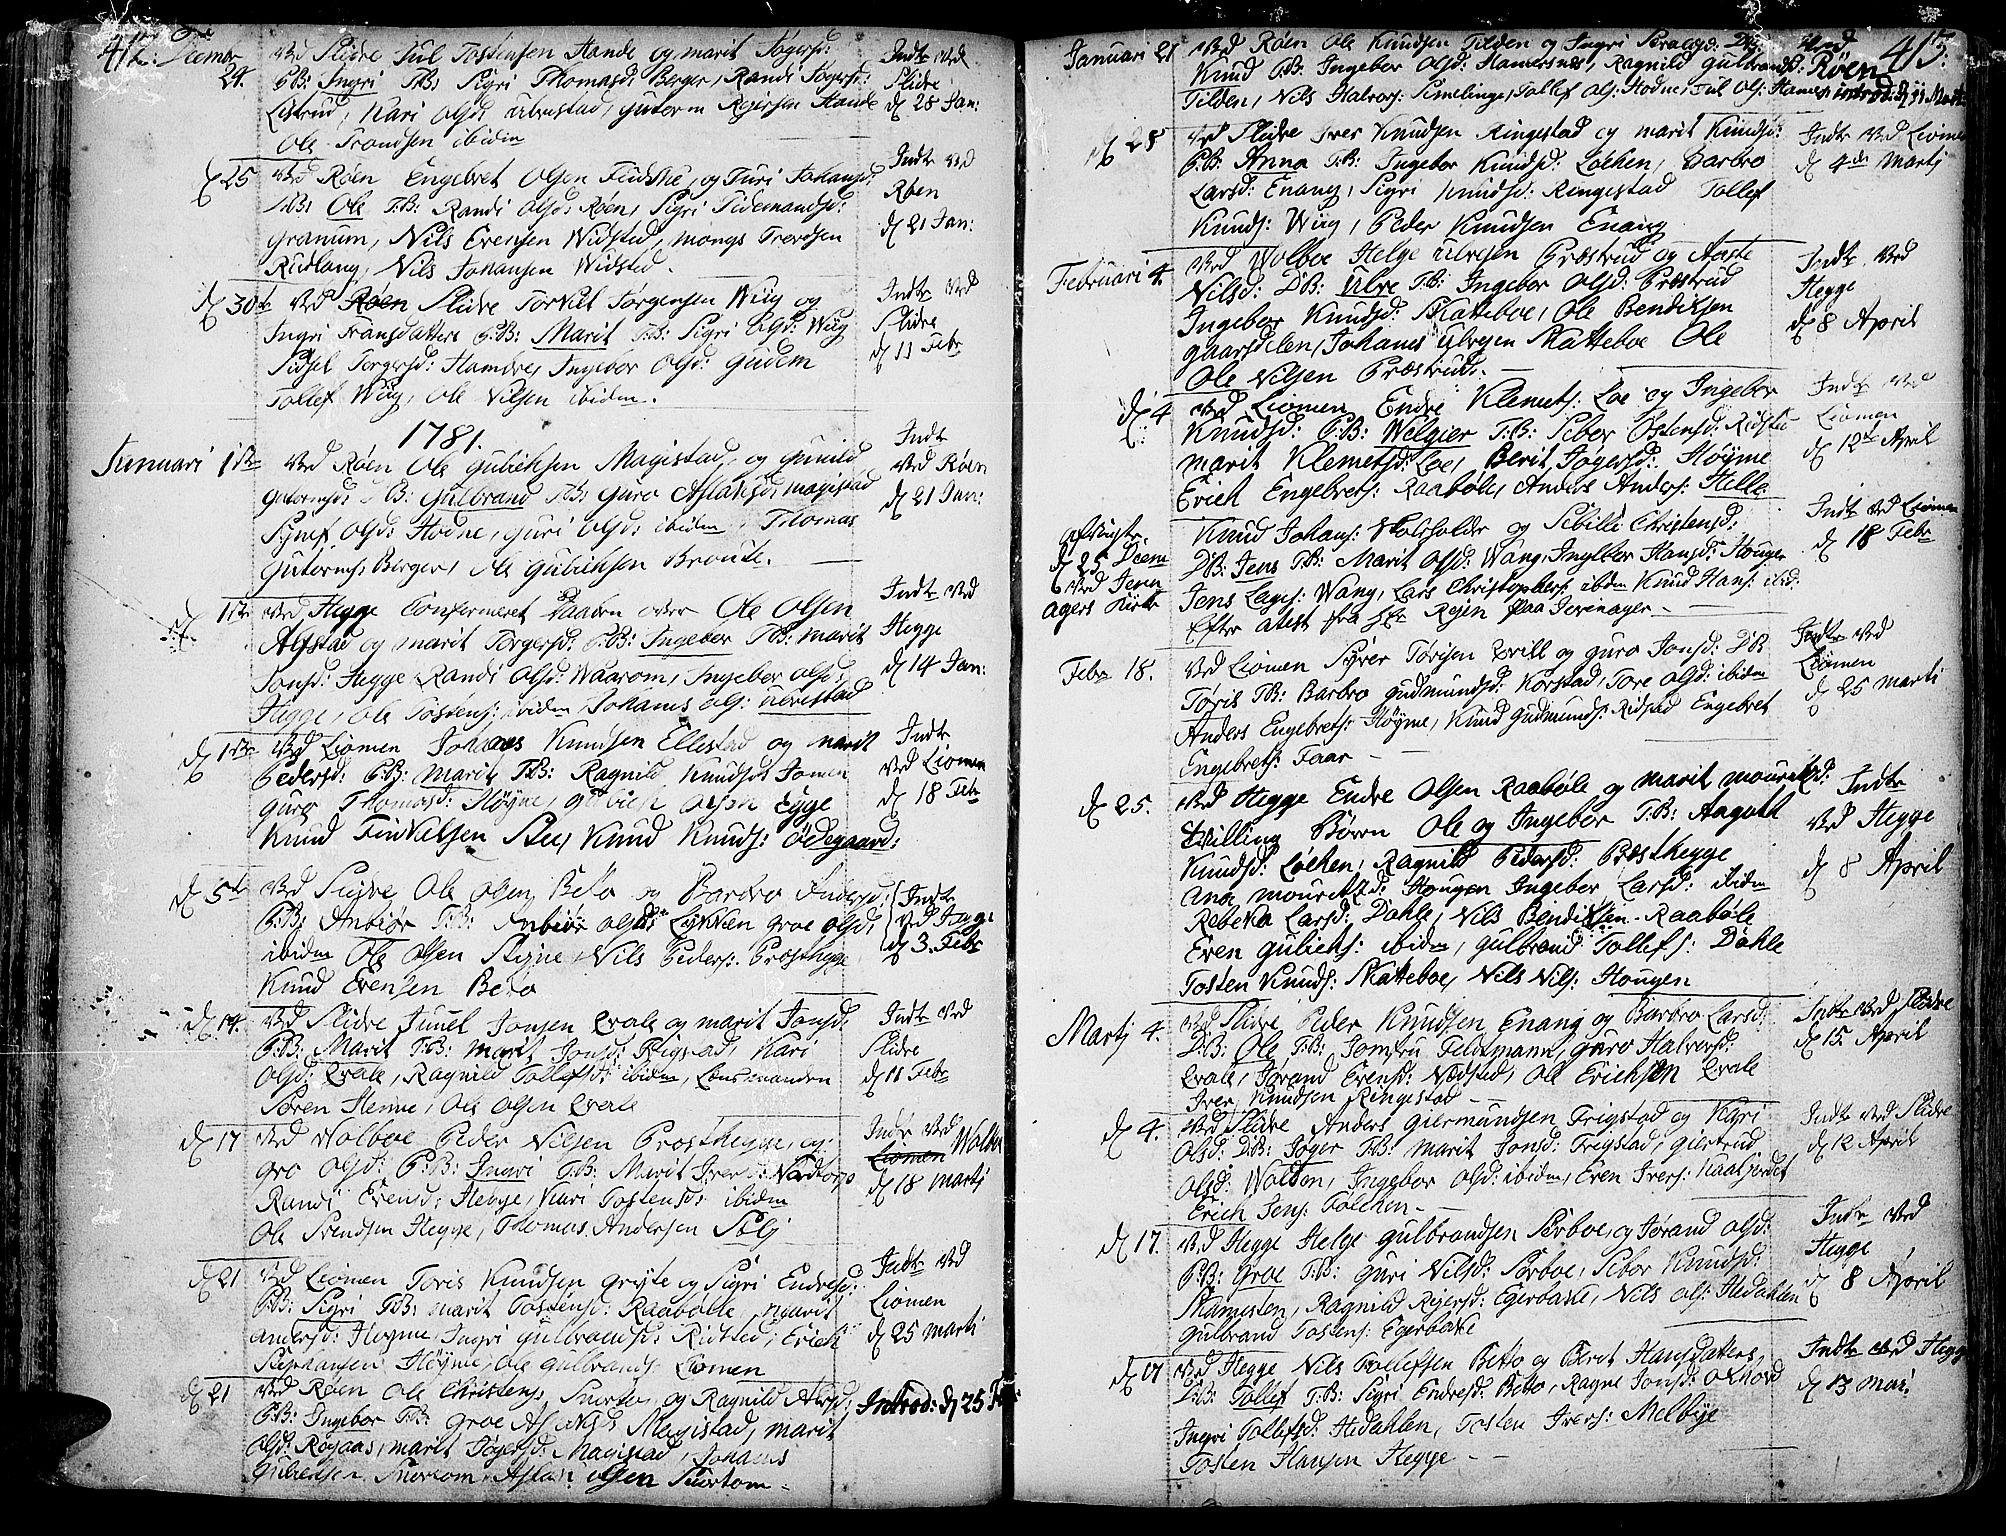 SAH, Slidre prestekontor, Ministerialbok nr. 1, 1724-1814, s. 412-413